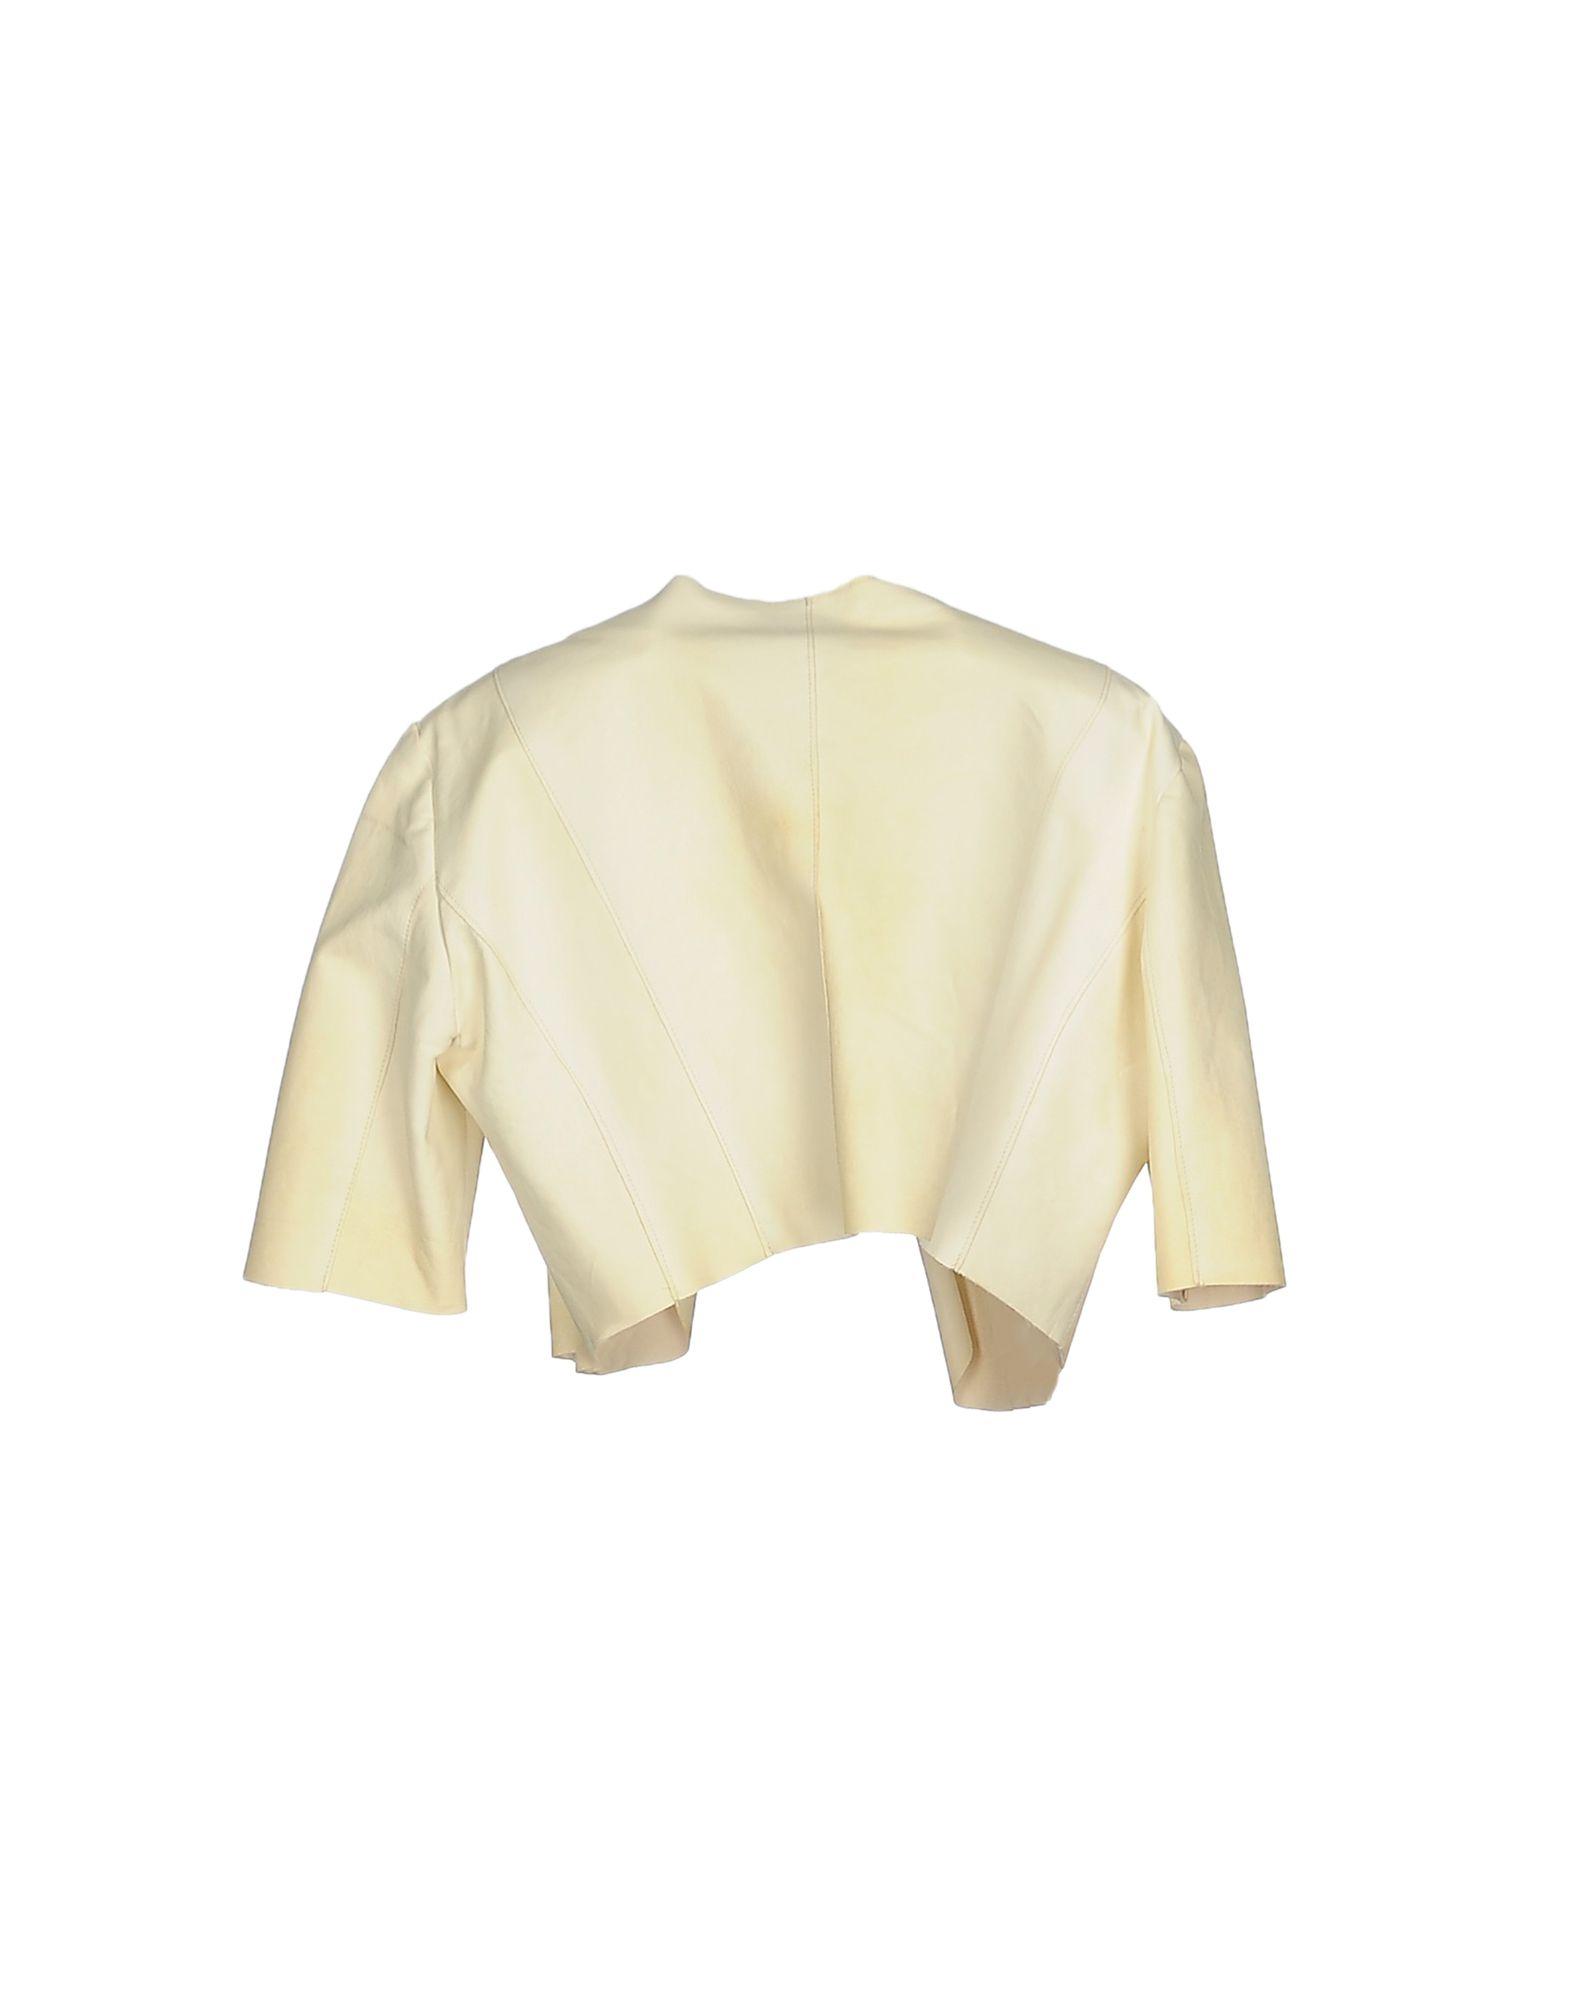 GIOCASTA Blazers in Ivory